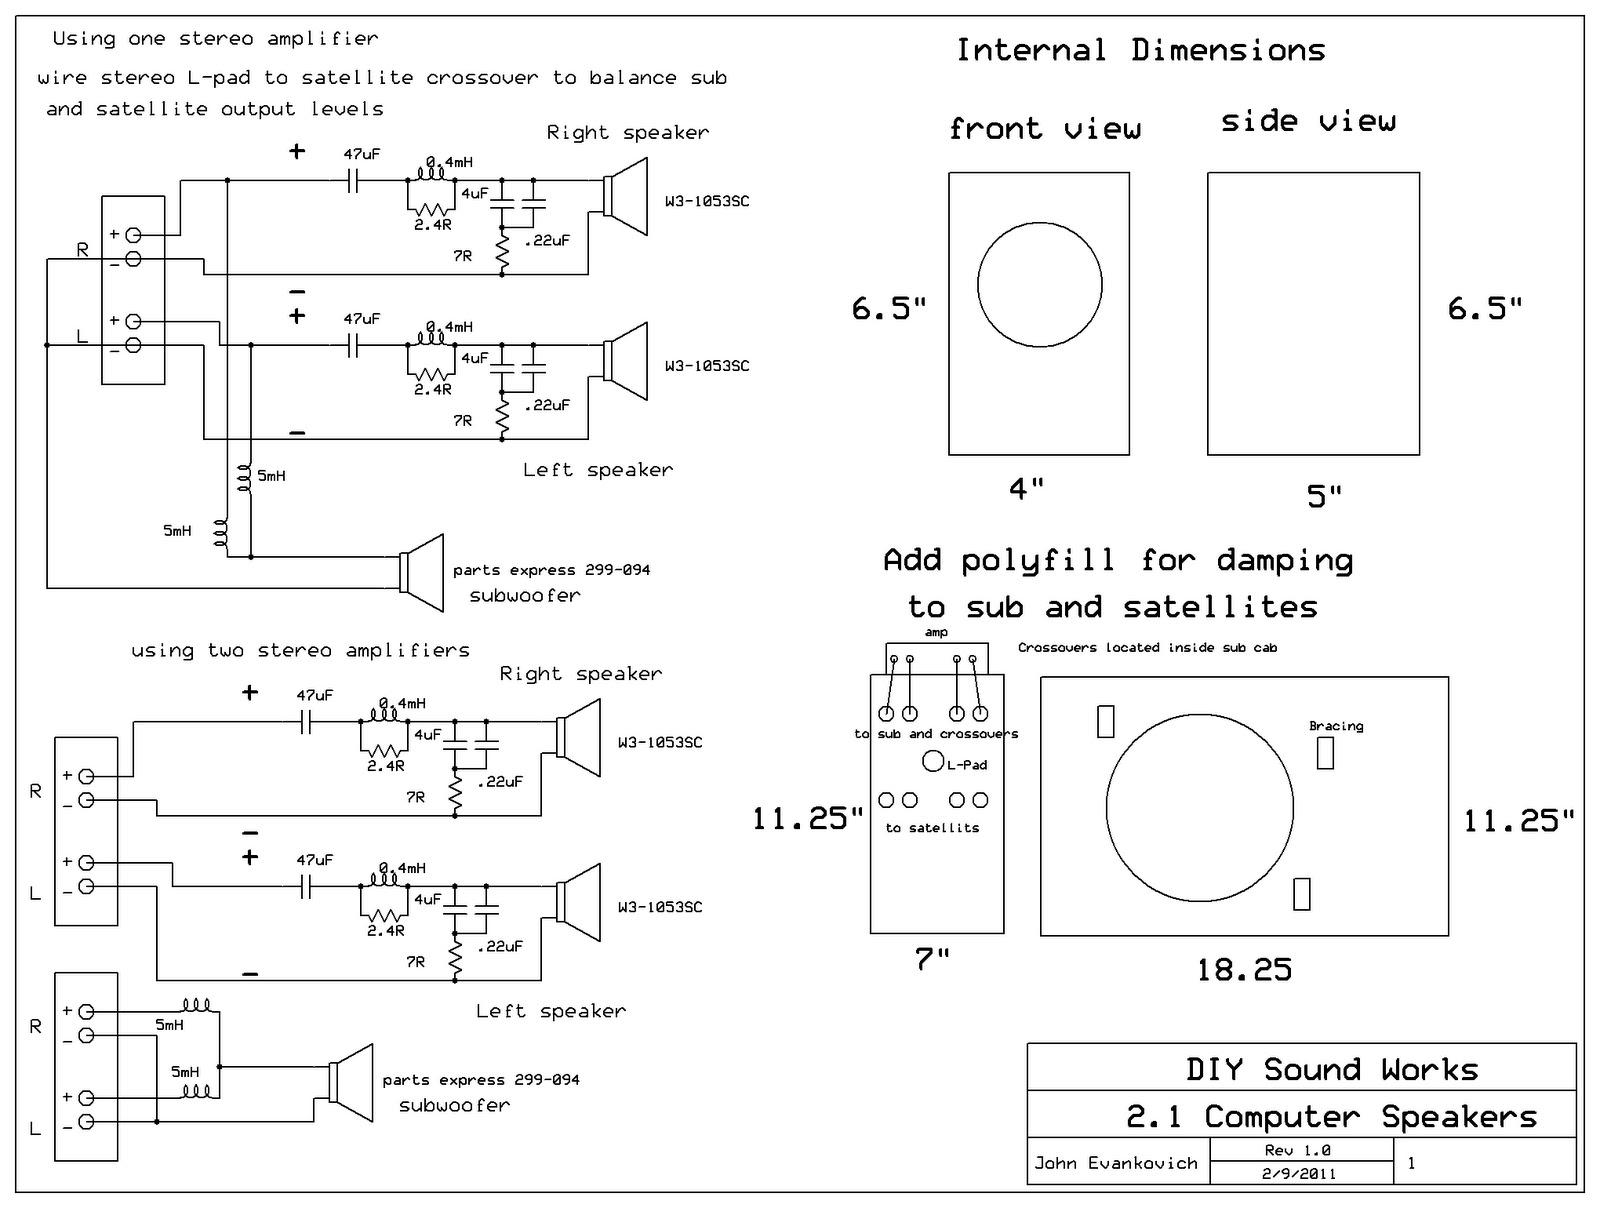 Pc 8021 Wiring Diagram - DIY Wiring Diagrams •